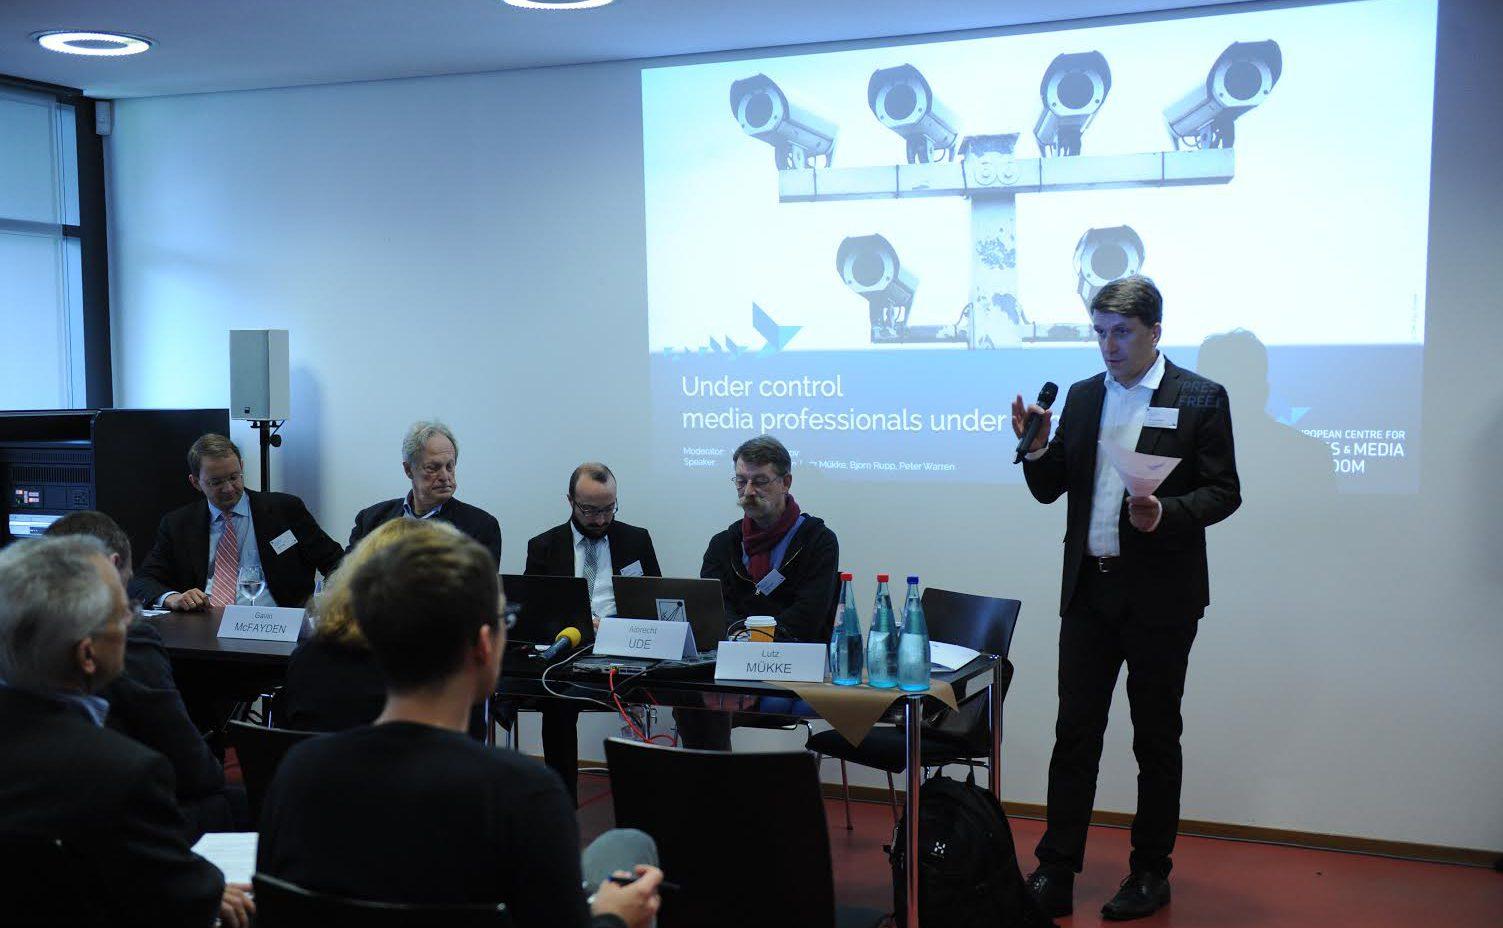 """""""Überwachung von Journalisten"""", Podiumsdiskussion auf dem Europäischen Medienfreiheits-Kongress 2015 (c) ECPMF"""